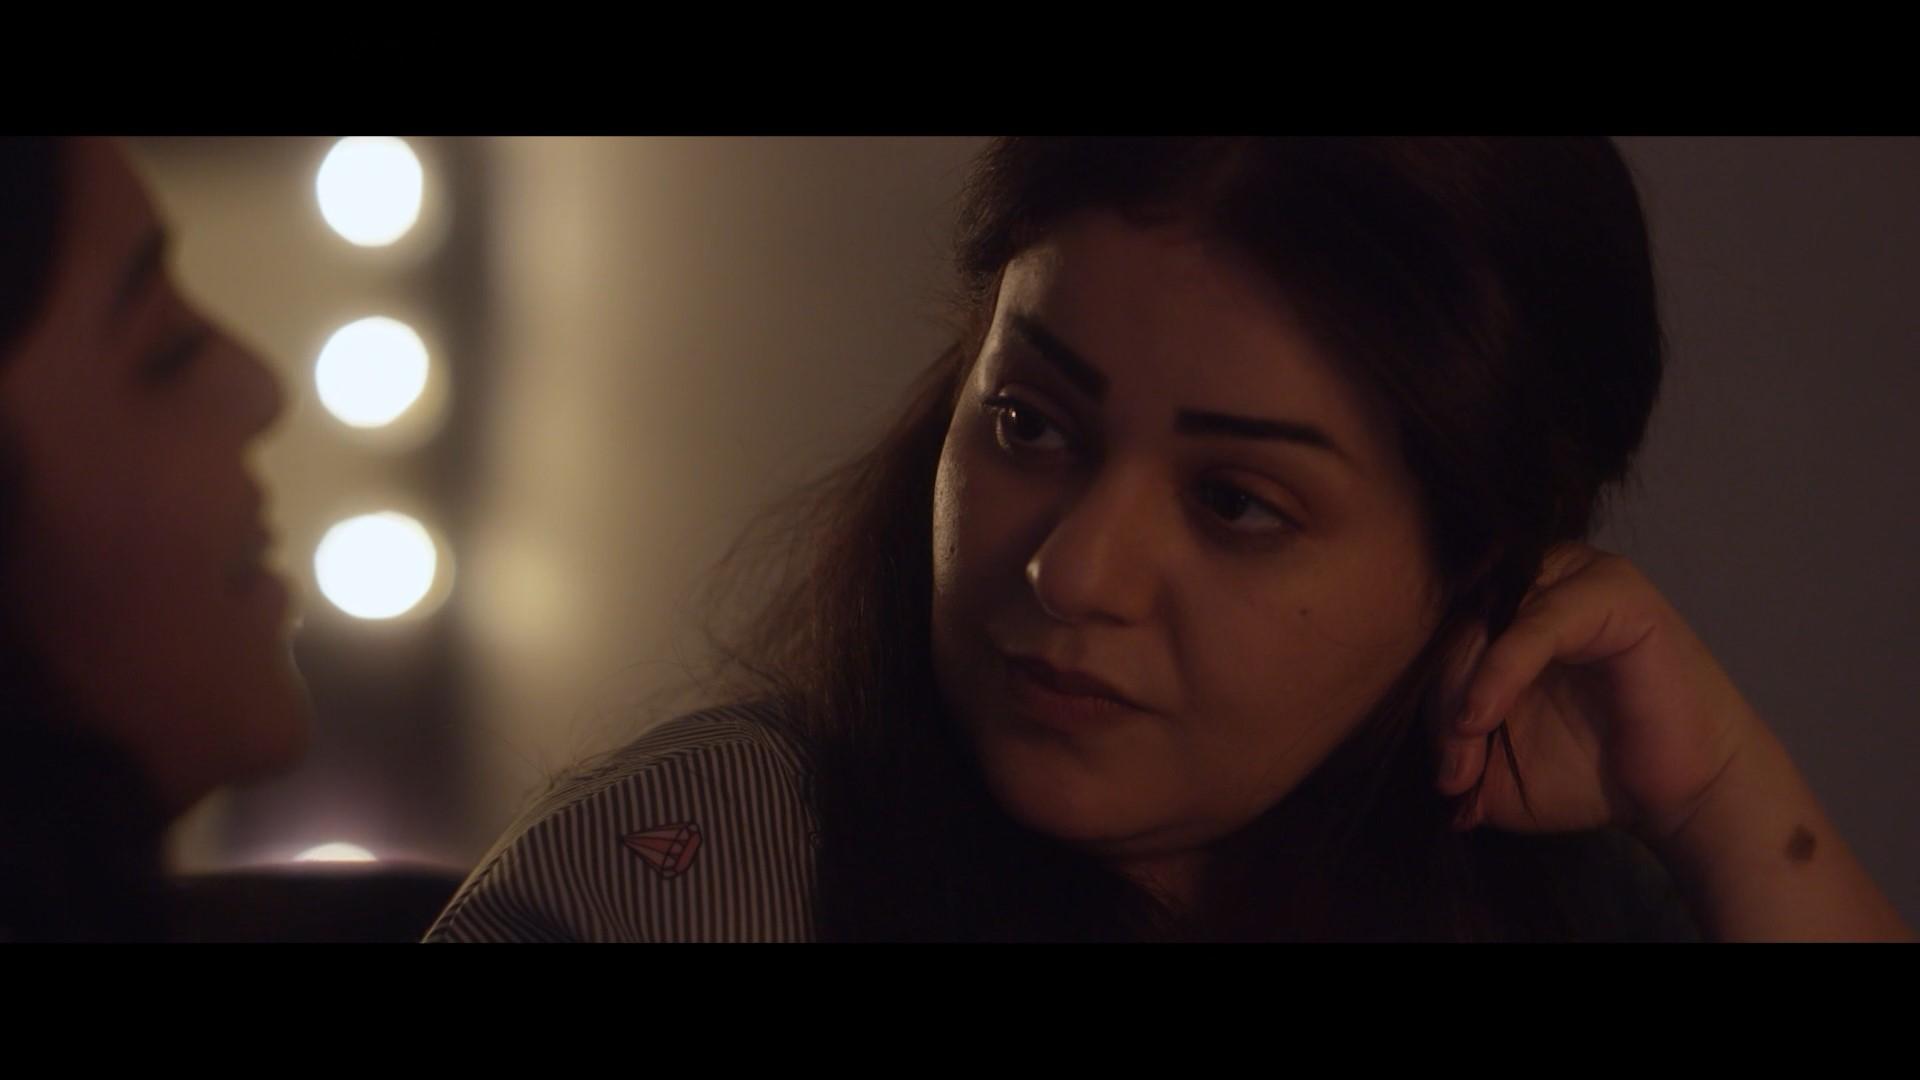 [فيلم][تورنت][تحميل][عرض سمين][2019][1080p][HDTV][سعودي] 4 arabp2p.com